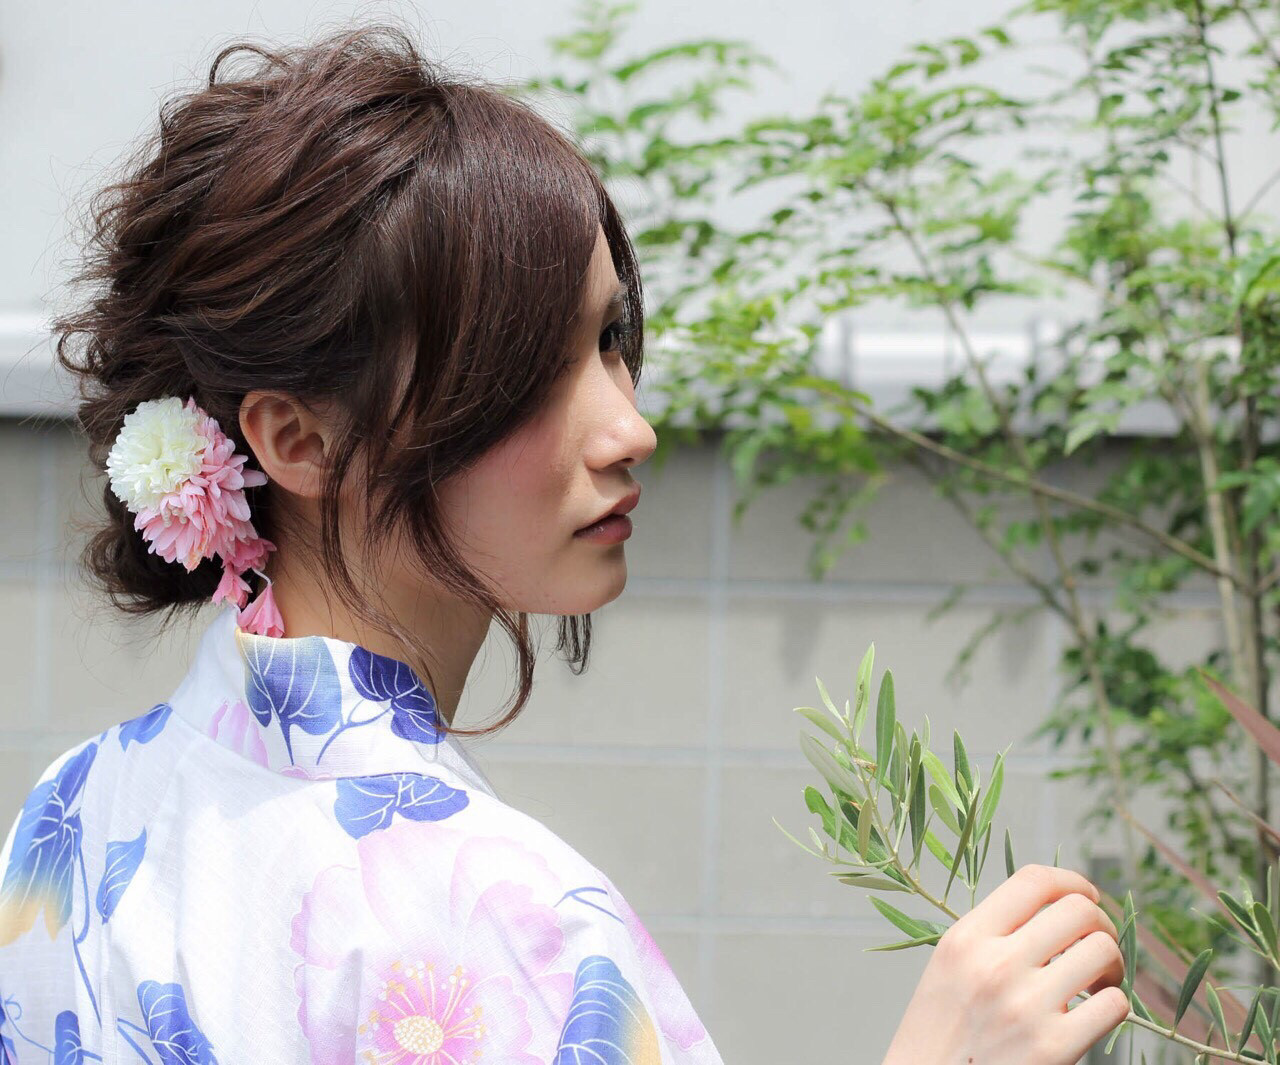 和装 夏 ナチュラル 涼しげヘアスタイルや髪型の写真・画像